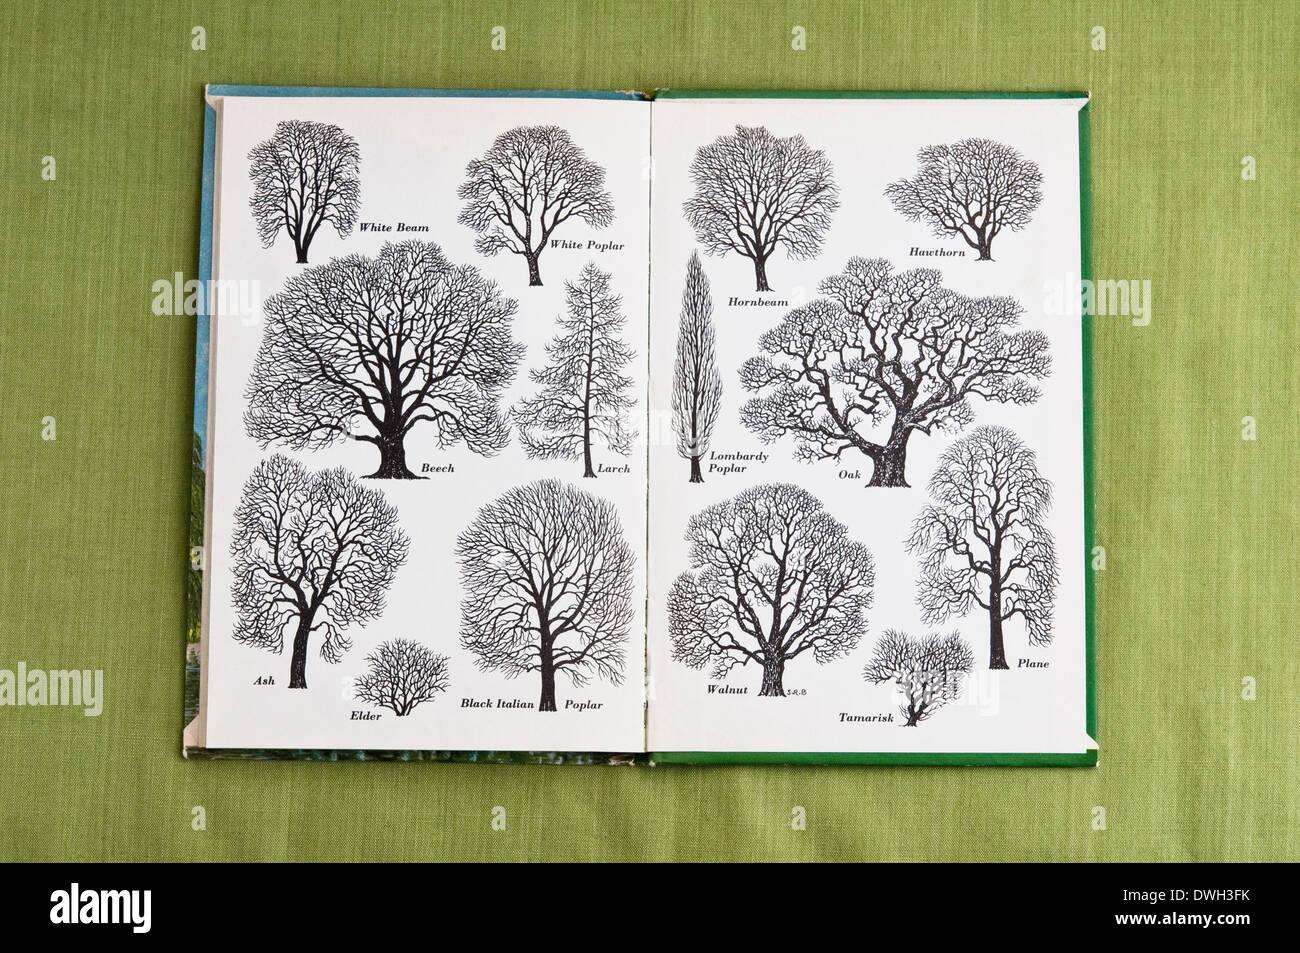 """Umrisse von Bäumen wie Tinte gezeichnet von S R Badmin - gedruckt auf der Innenseite Rückendeckel """"Bäume"""" ein 1963-Marienkäfer-Buch. VEREINIGTES KÖNIGREICH. Stockbild"""